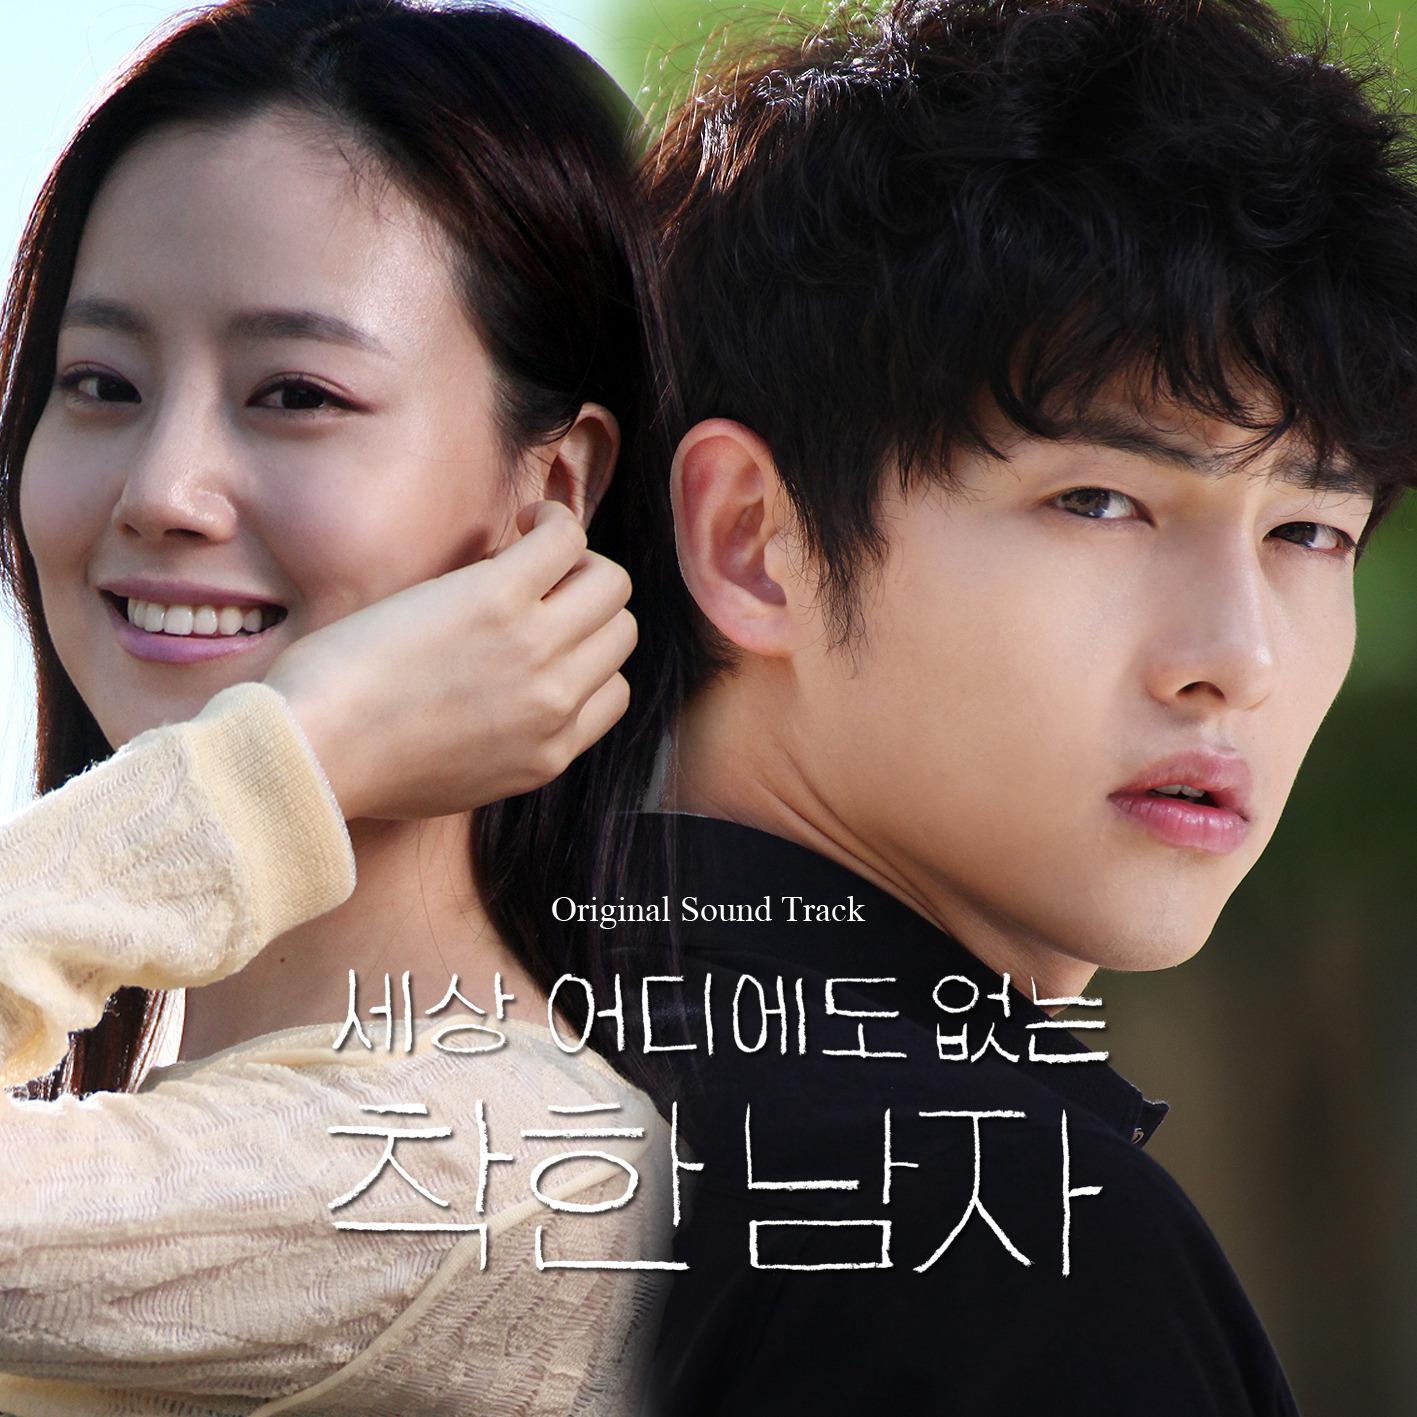 세상 어디에도 없는 착한남자 Part.4 (KBS 수목드라마) 앨범정보